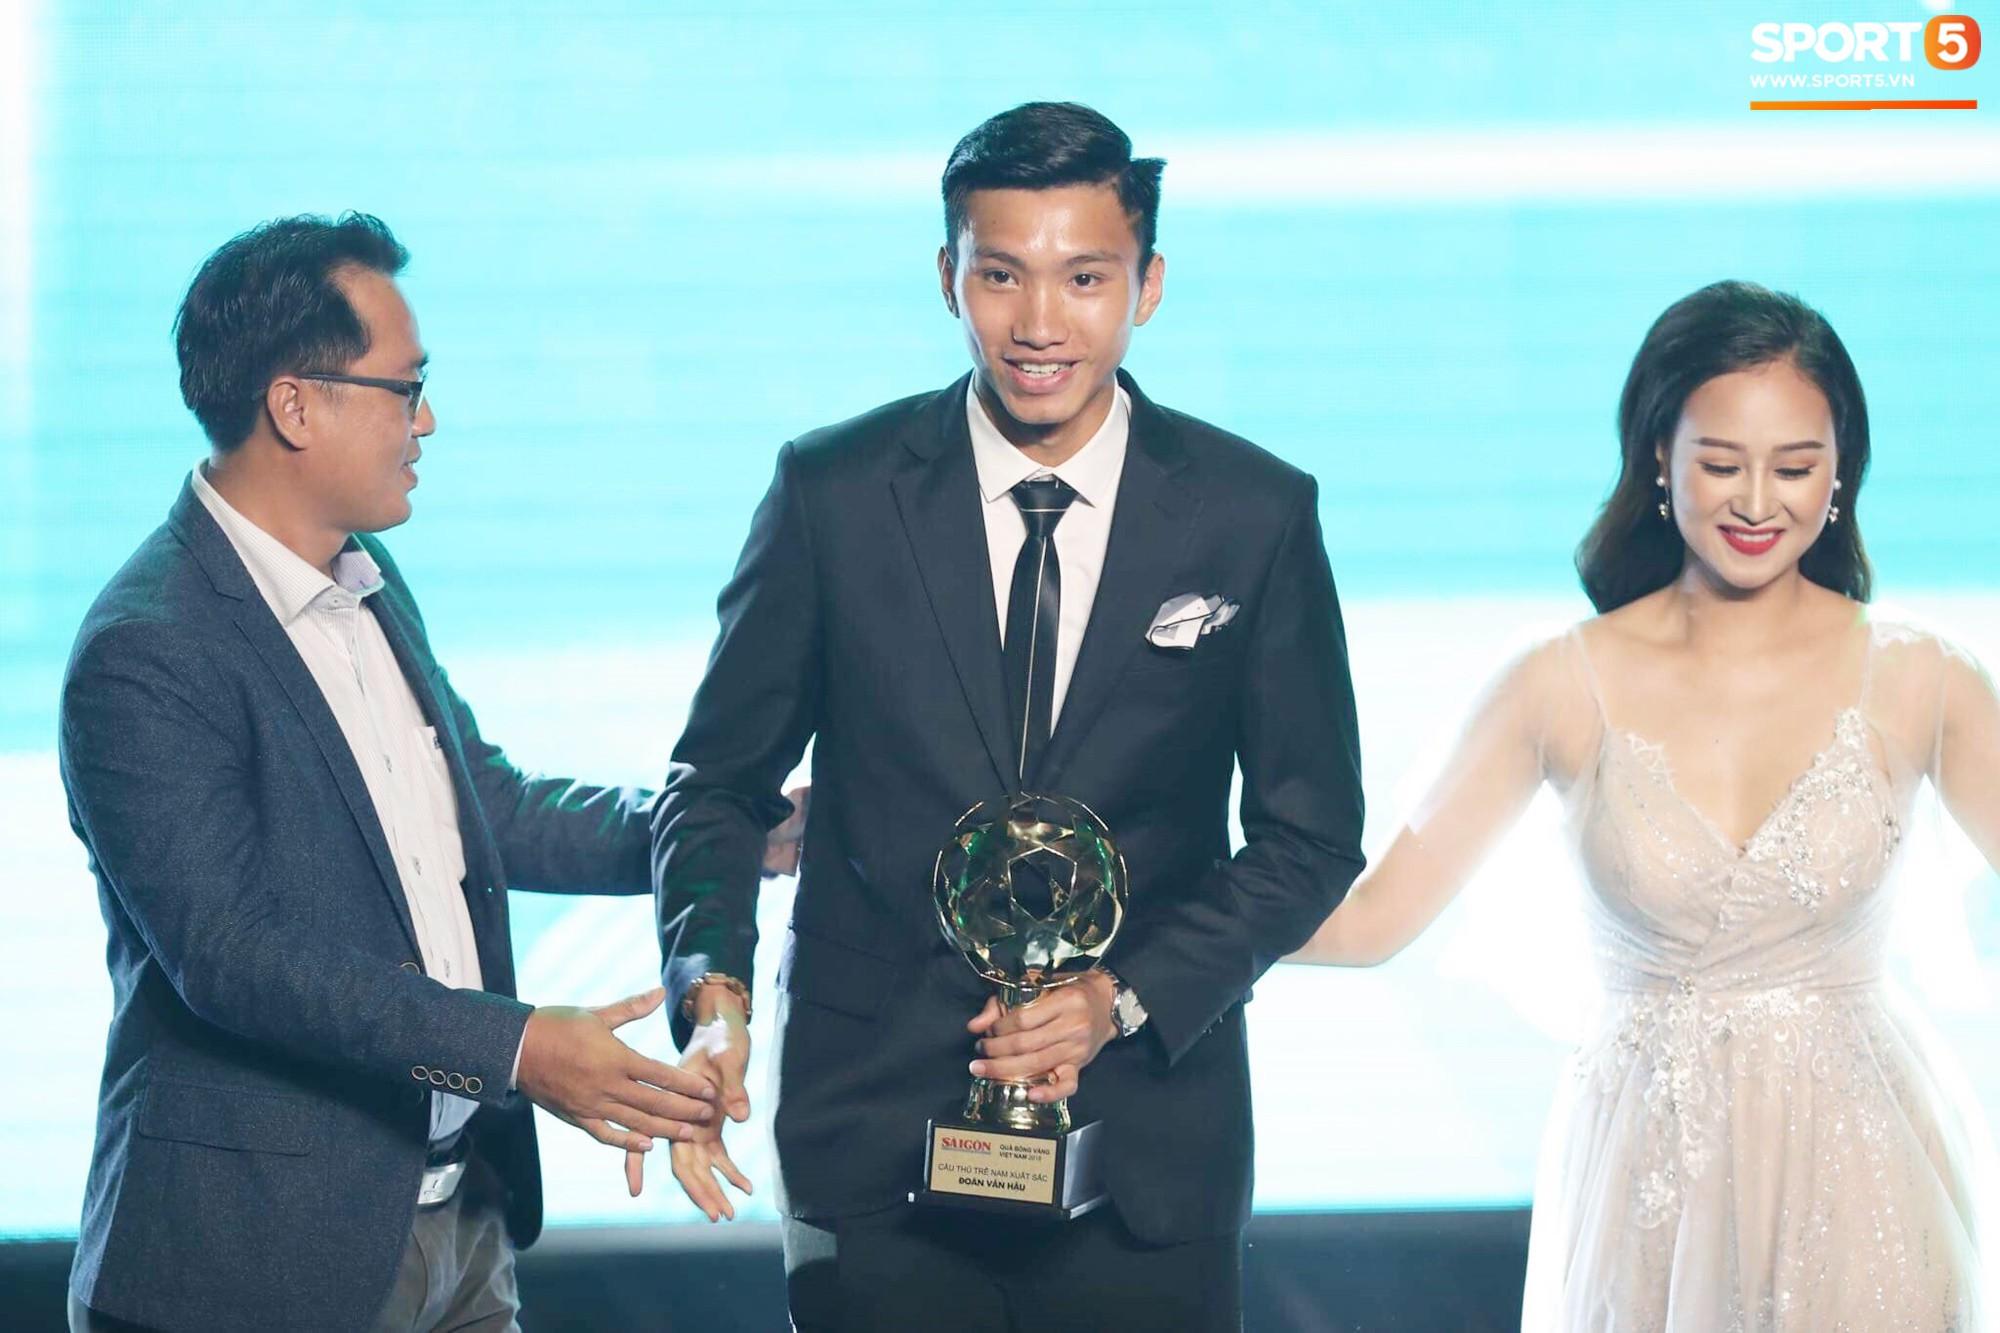 Đoàn Văn Hậu thắng giải Cầu thủ trẻ xuất sắc nhất năm 2018-1